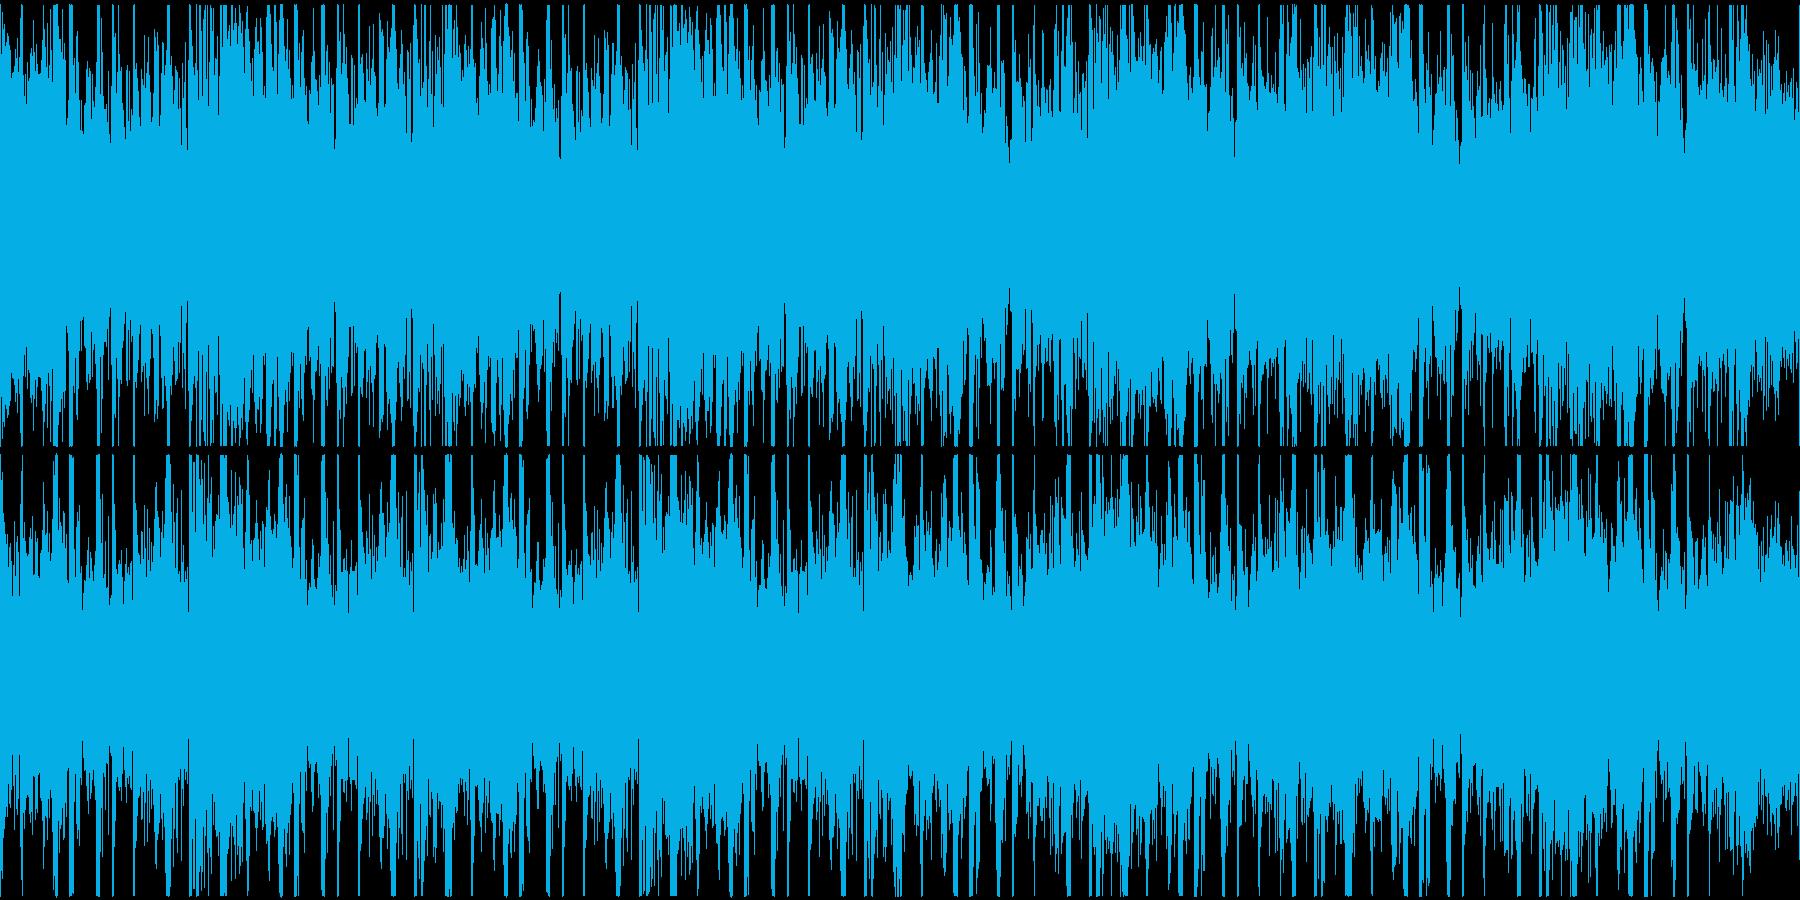 アラビアン風、怪しさ、緊迫感、ループ仕様の再生済みの波形